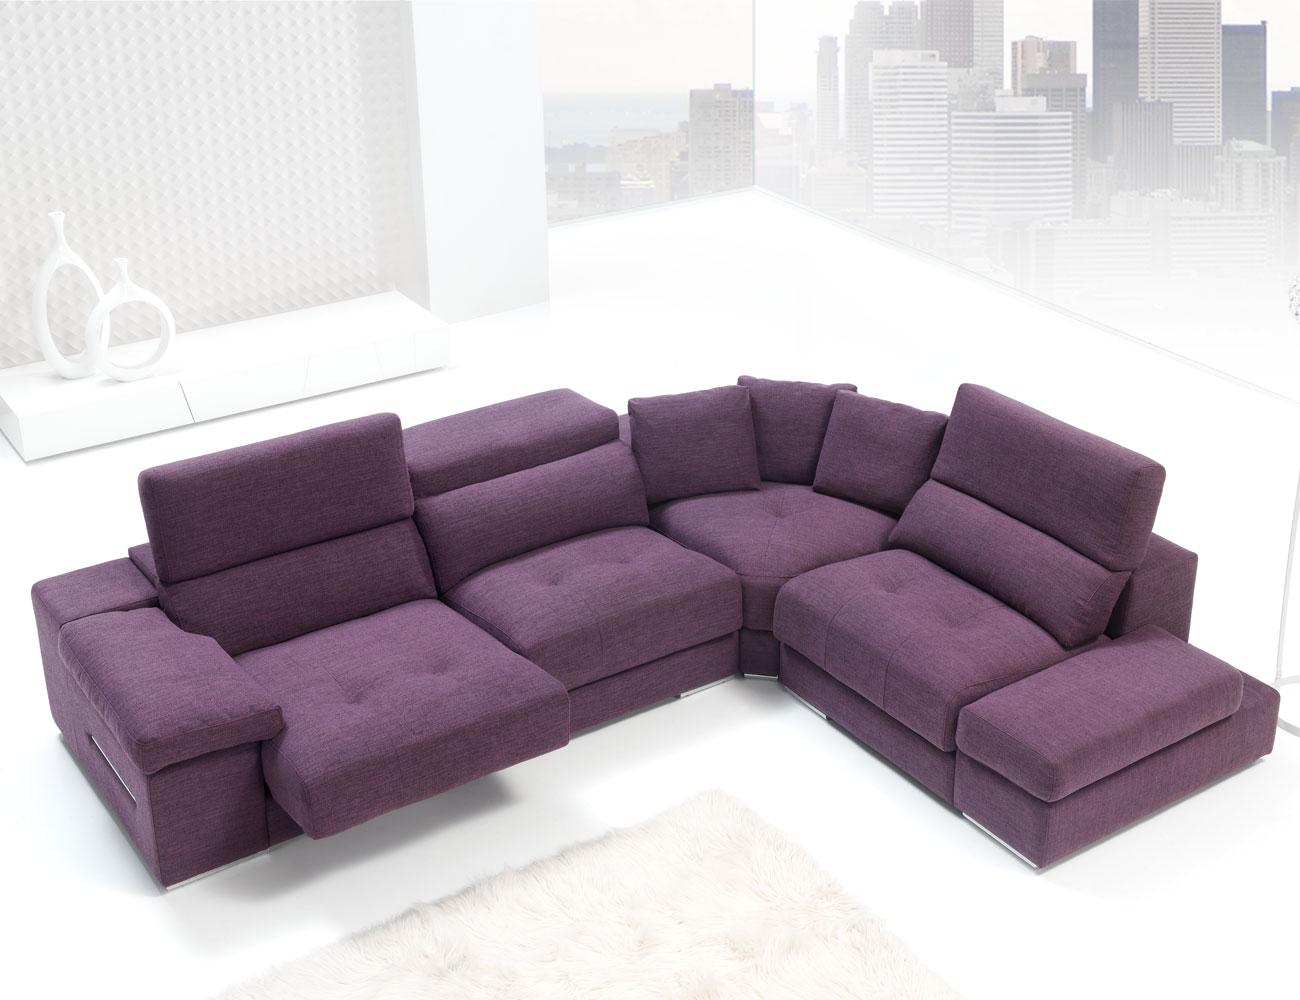 Sofa chaiselongue rincon con brazo mecanico tejido anti manchas 211